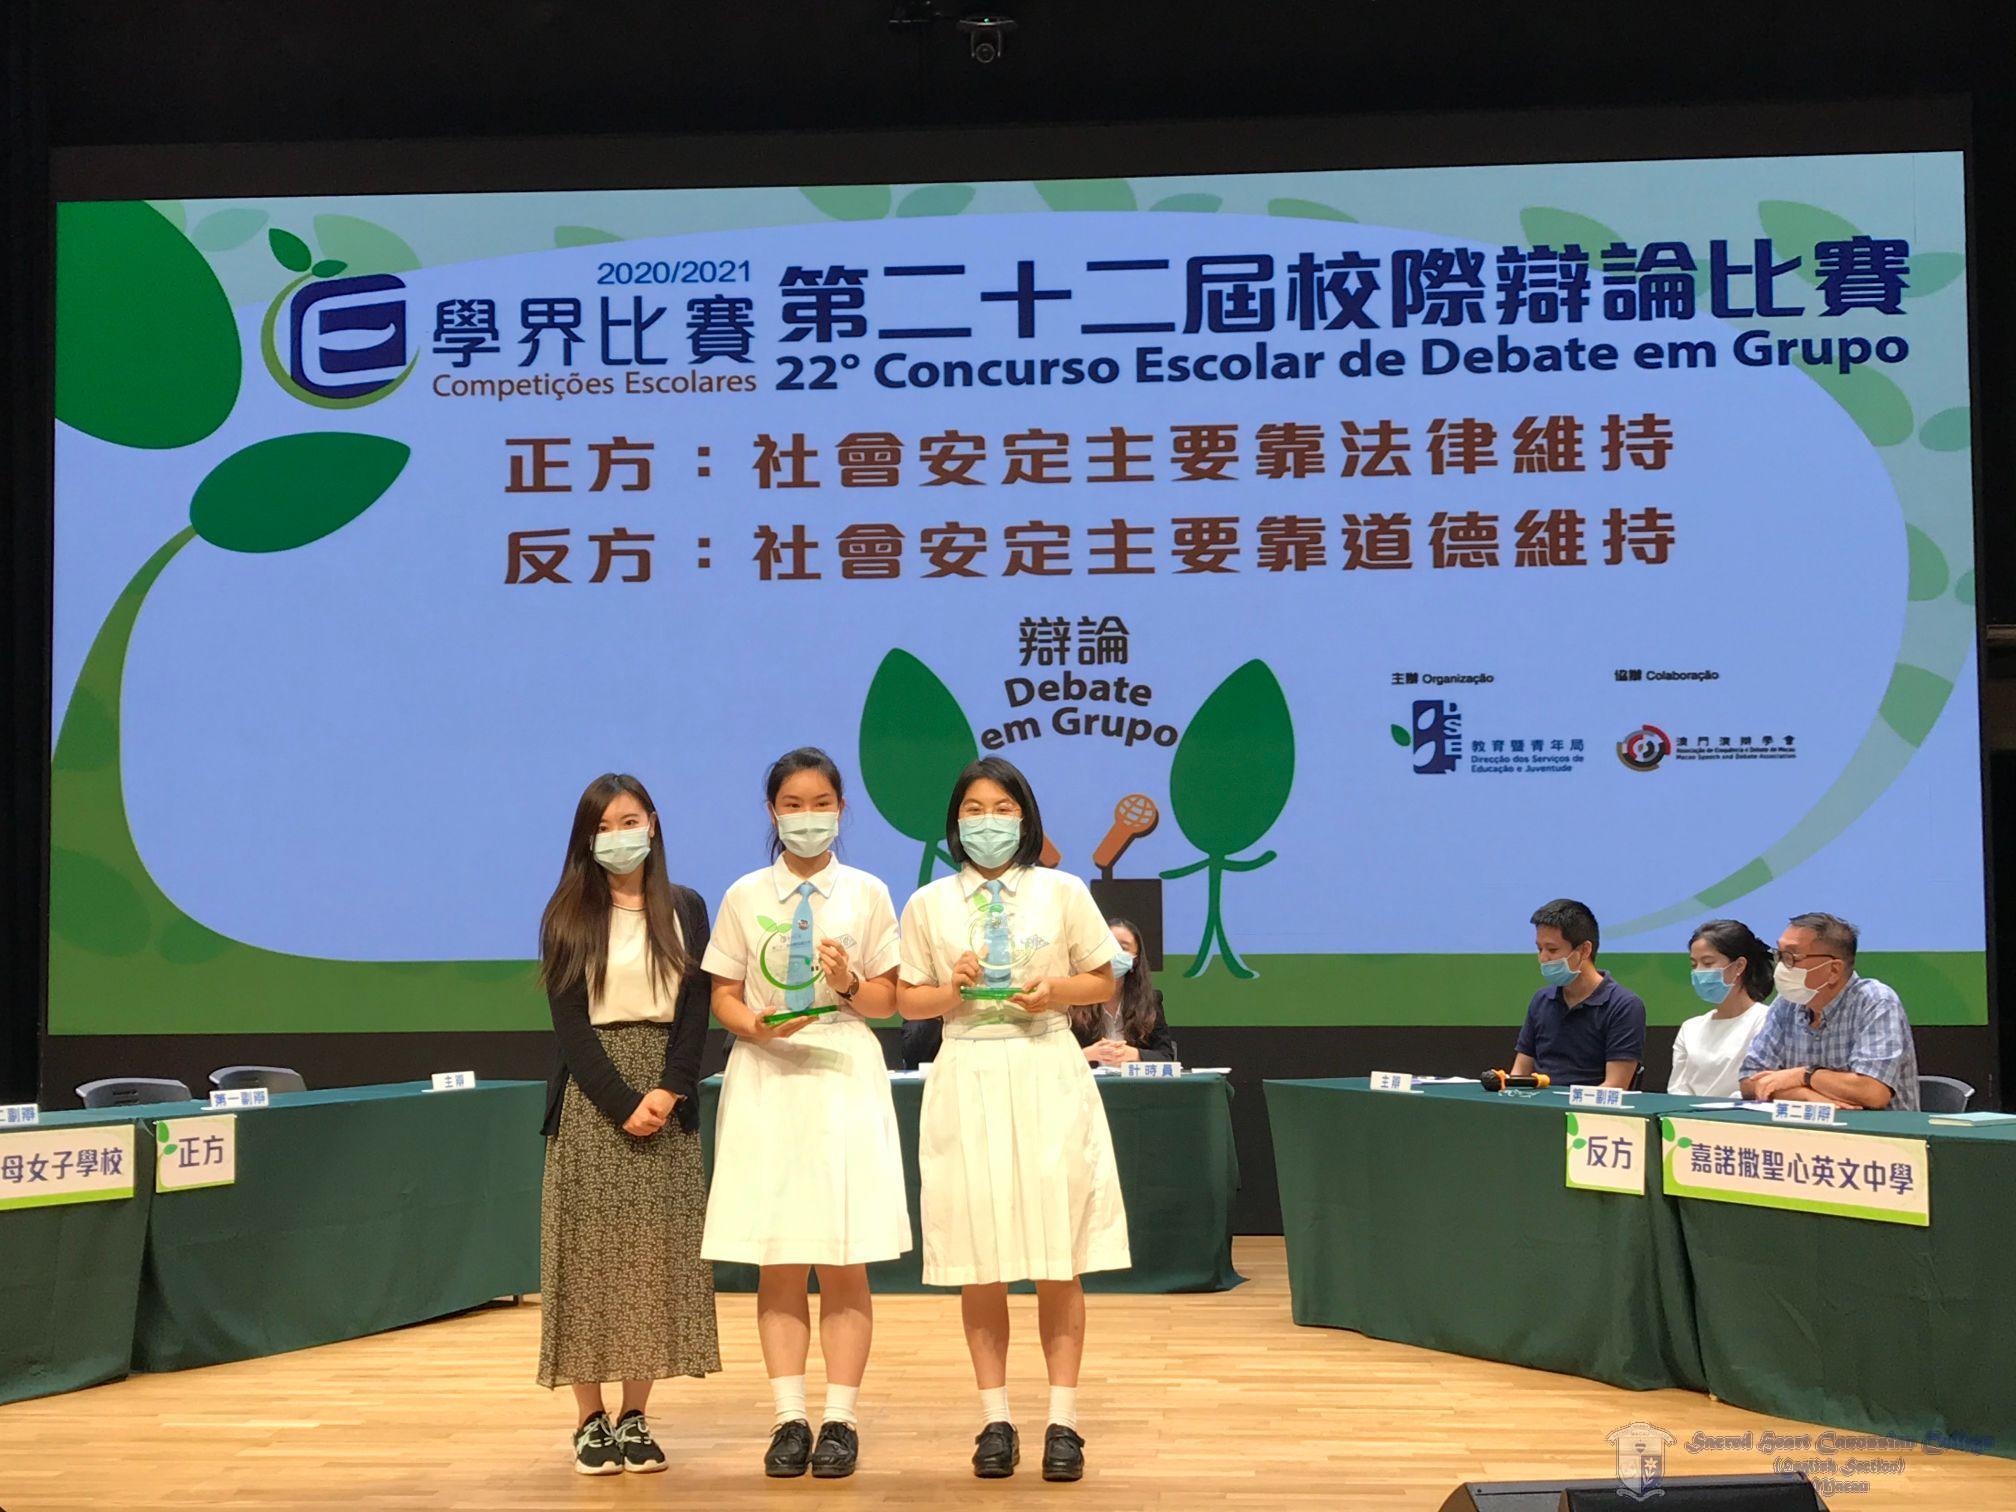 梁雅詩同學(左)取得最佳辯論員,羅詠仙同學(右)取得最佳台下發問